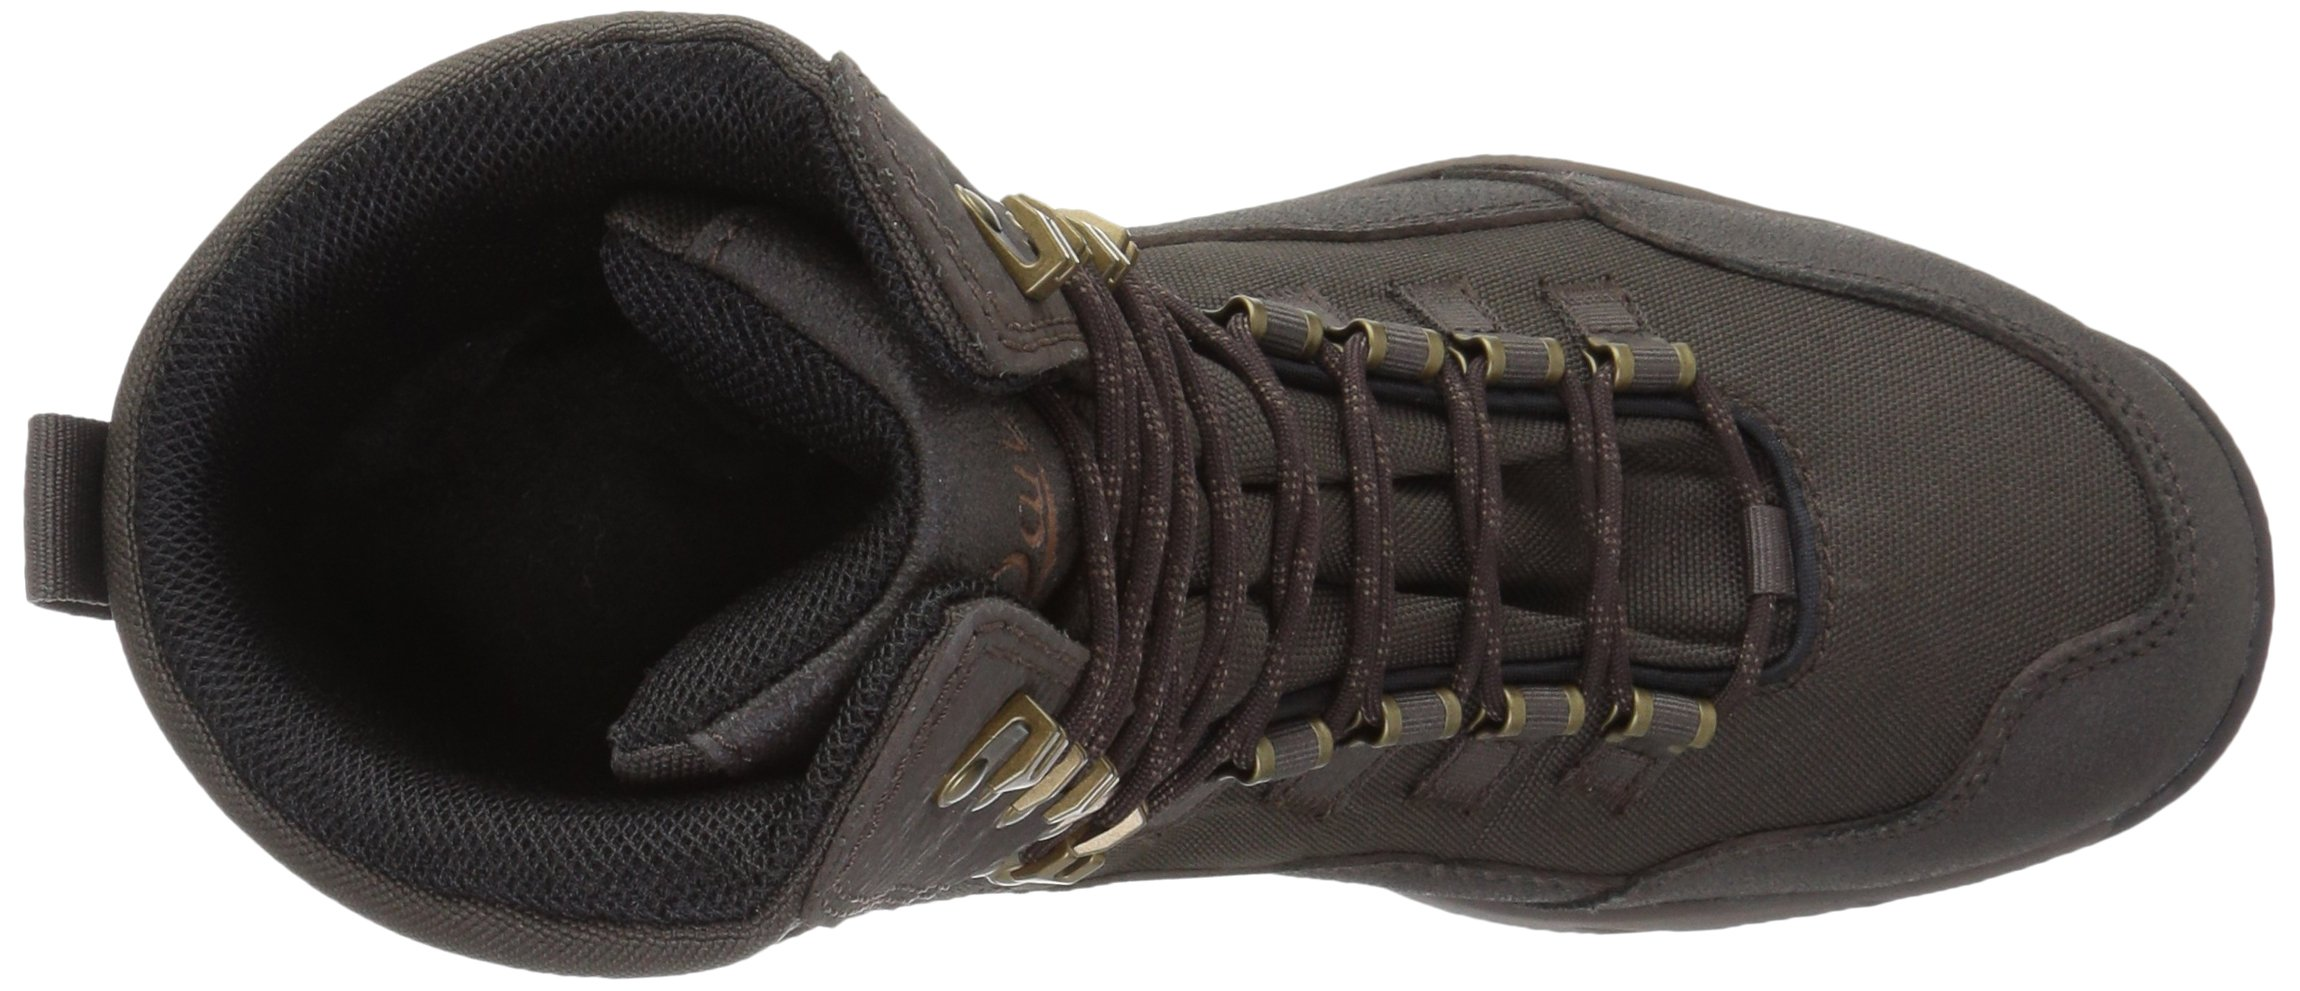 Whg Danner Men S Vital Hunting Shoes